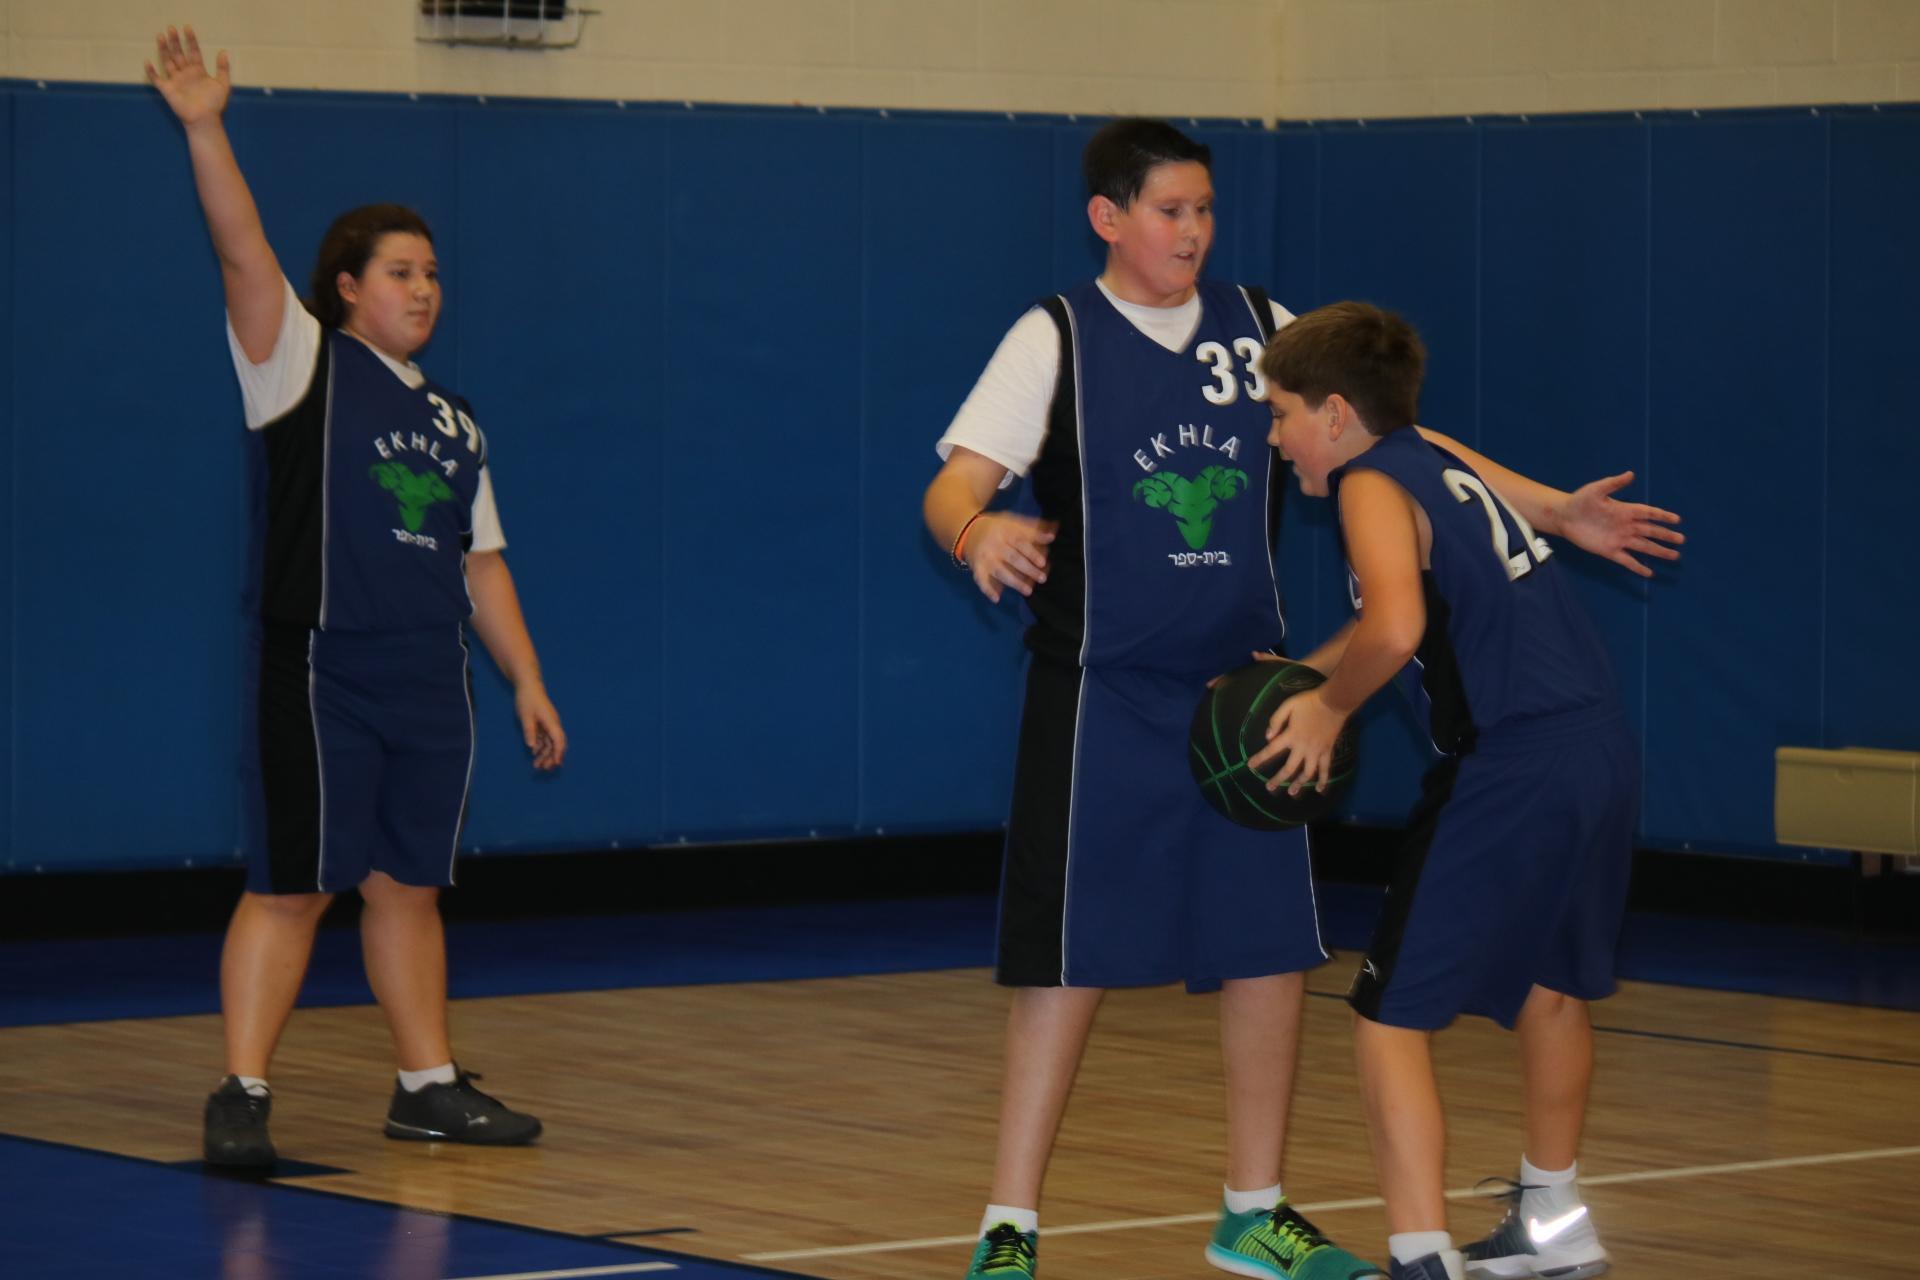 boys blocking shot playing basketball